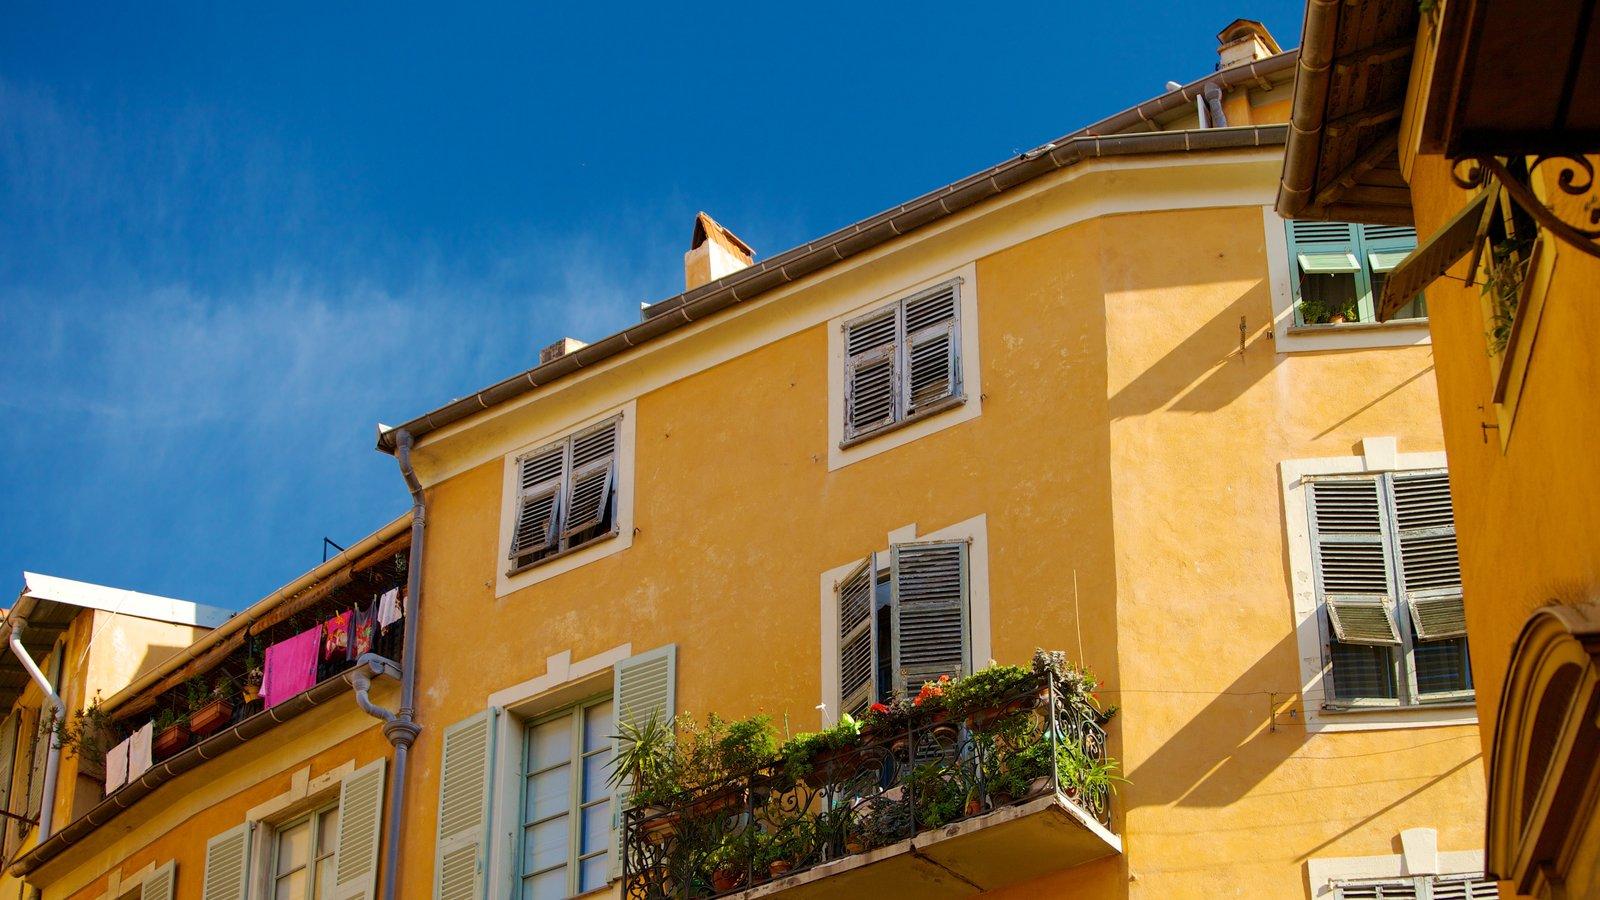 Centro Histórico caracterizando uma casa, uma cidade pequena ou vila e arquitetura de patrimônio